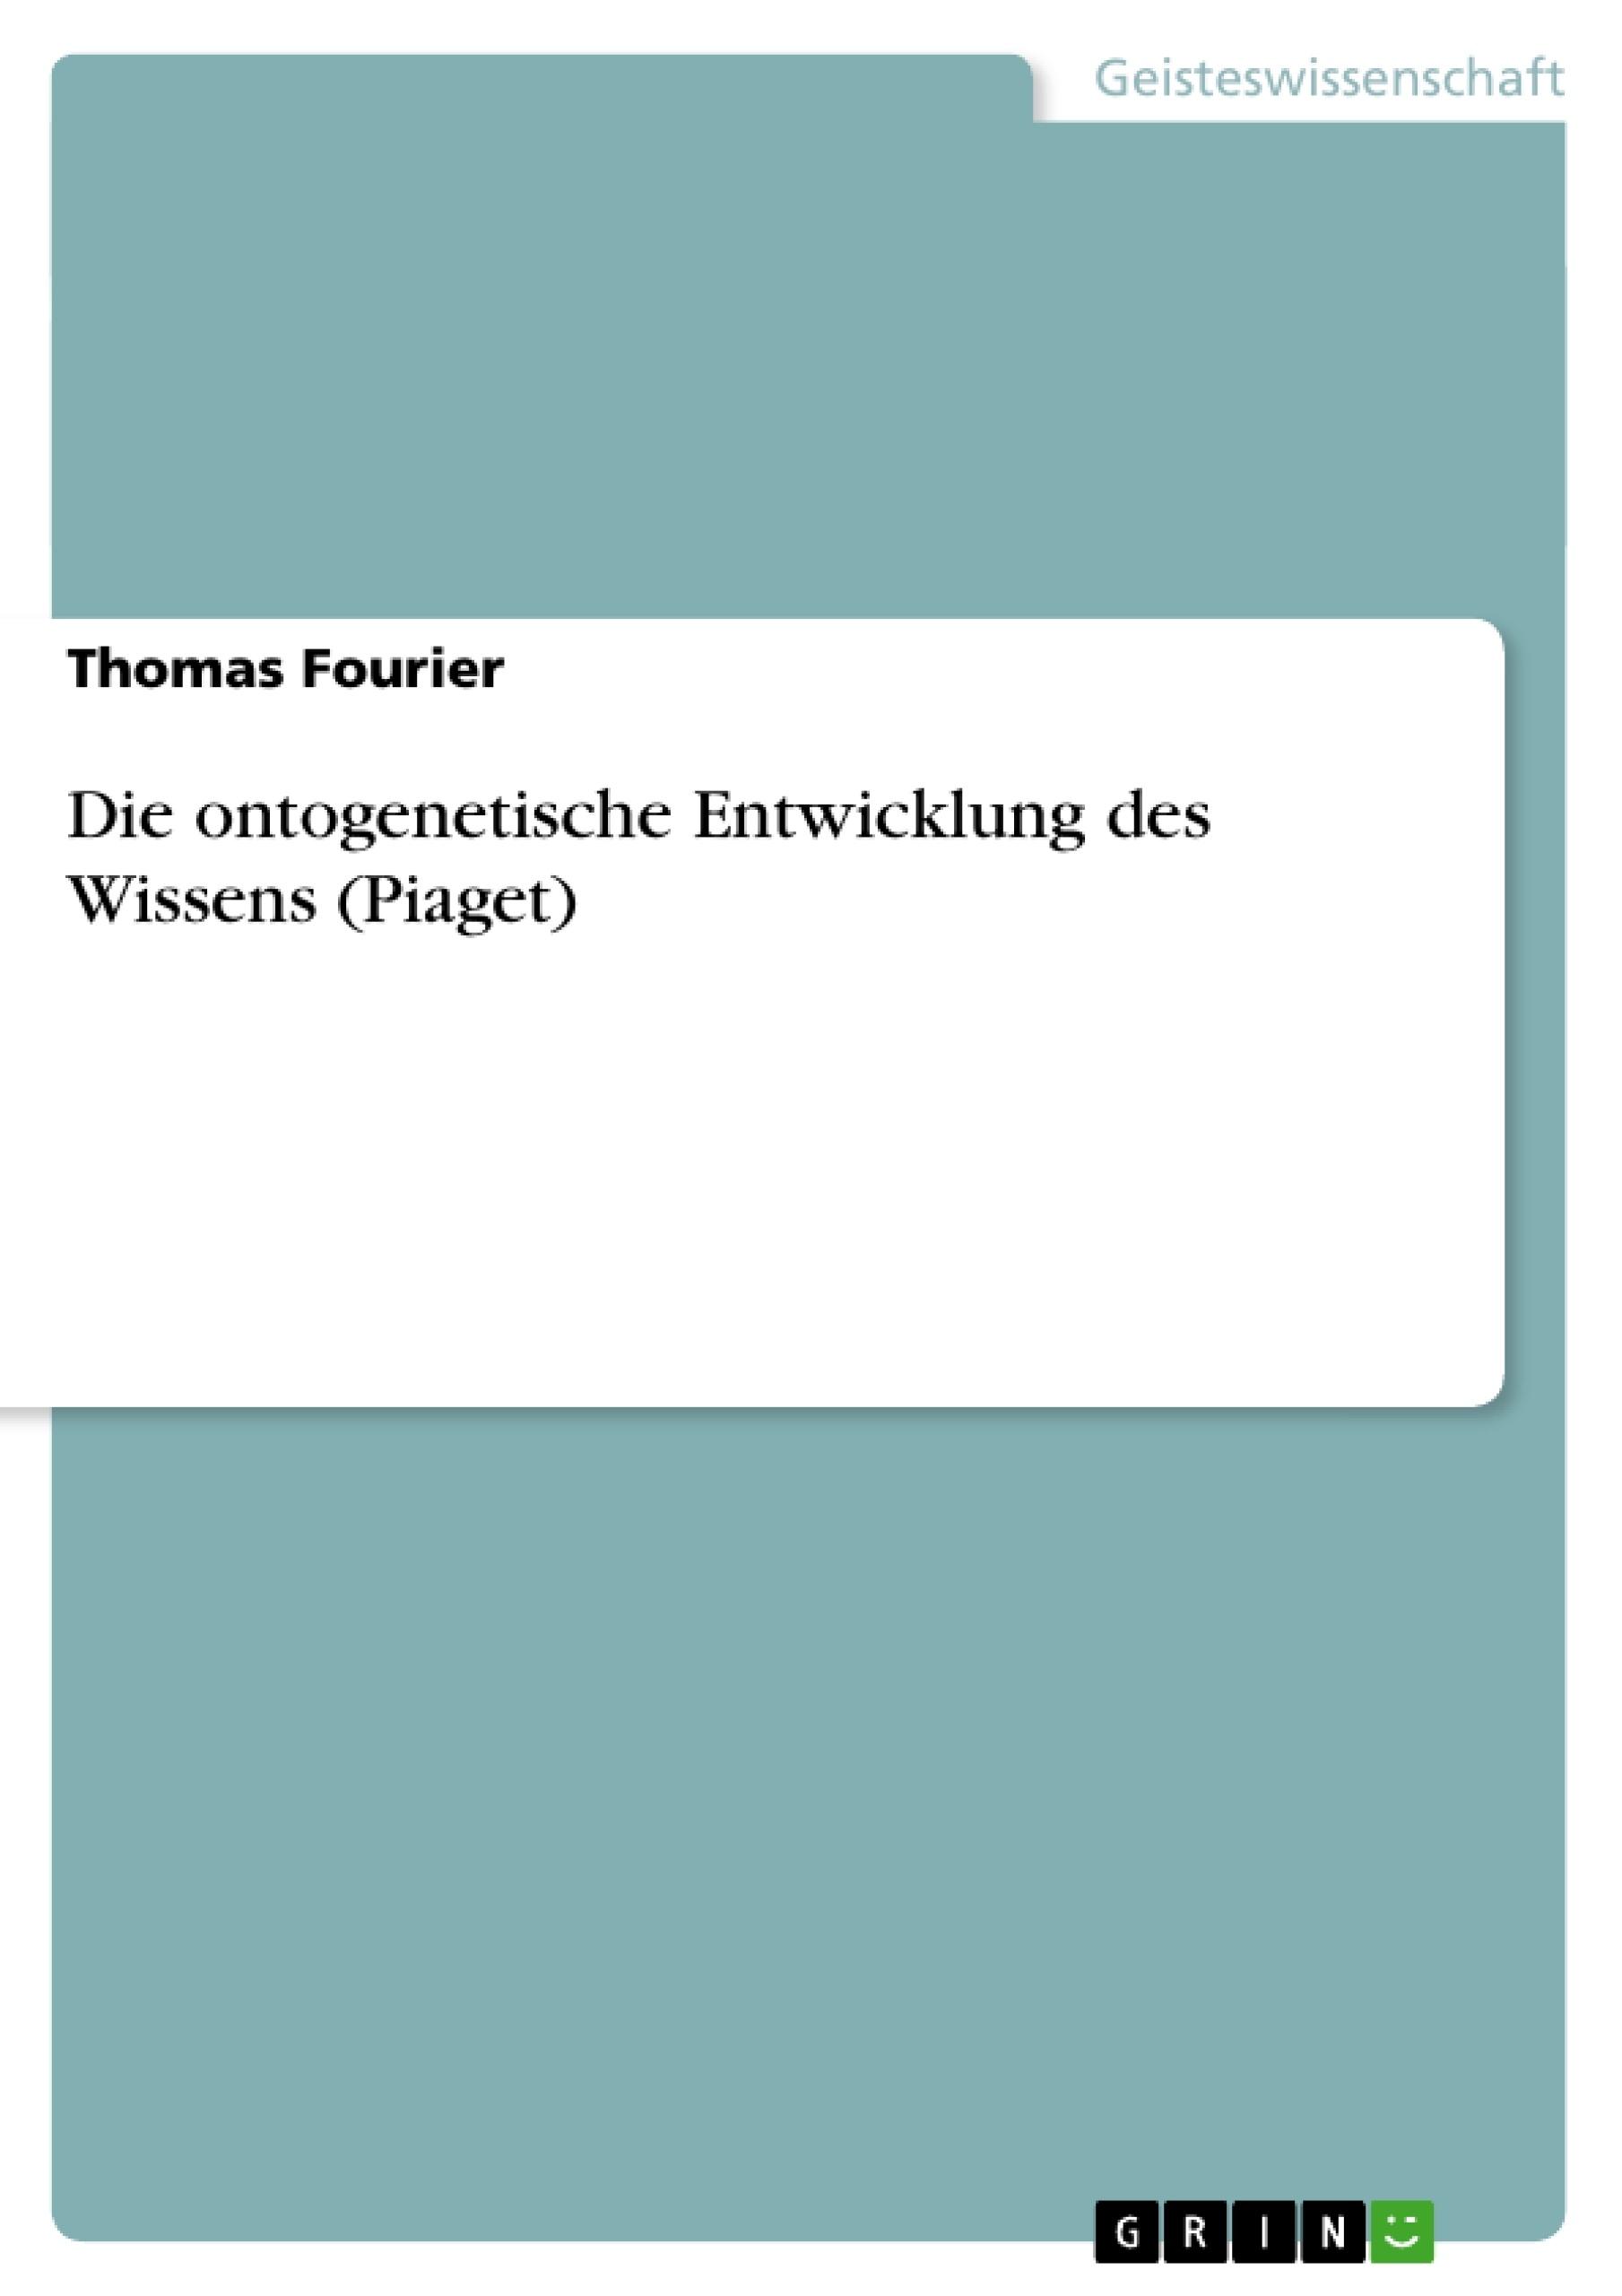 Titel: Die ontogenetische Entwicklung des Wissens (Piaget)